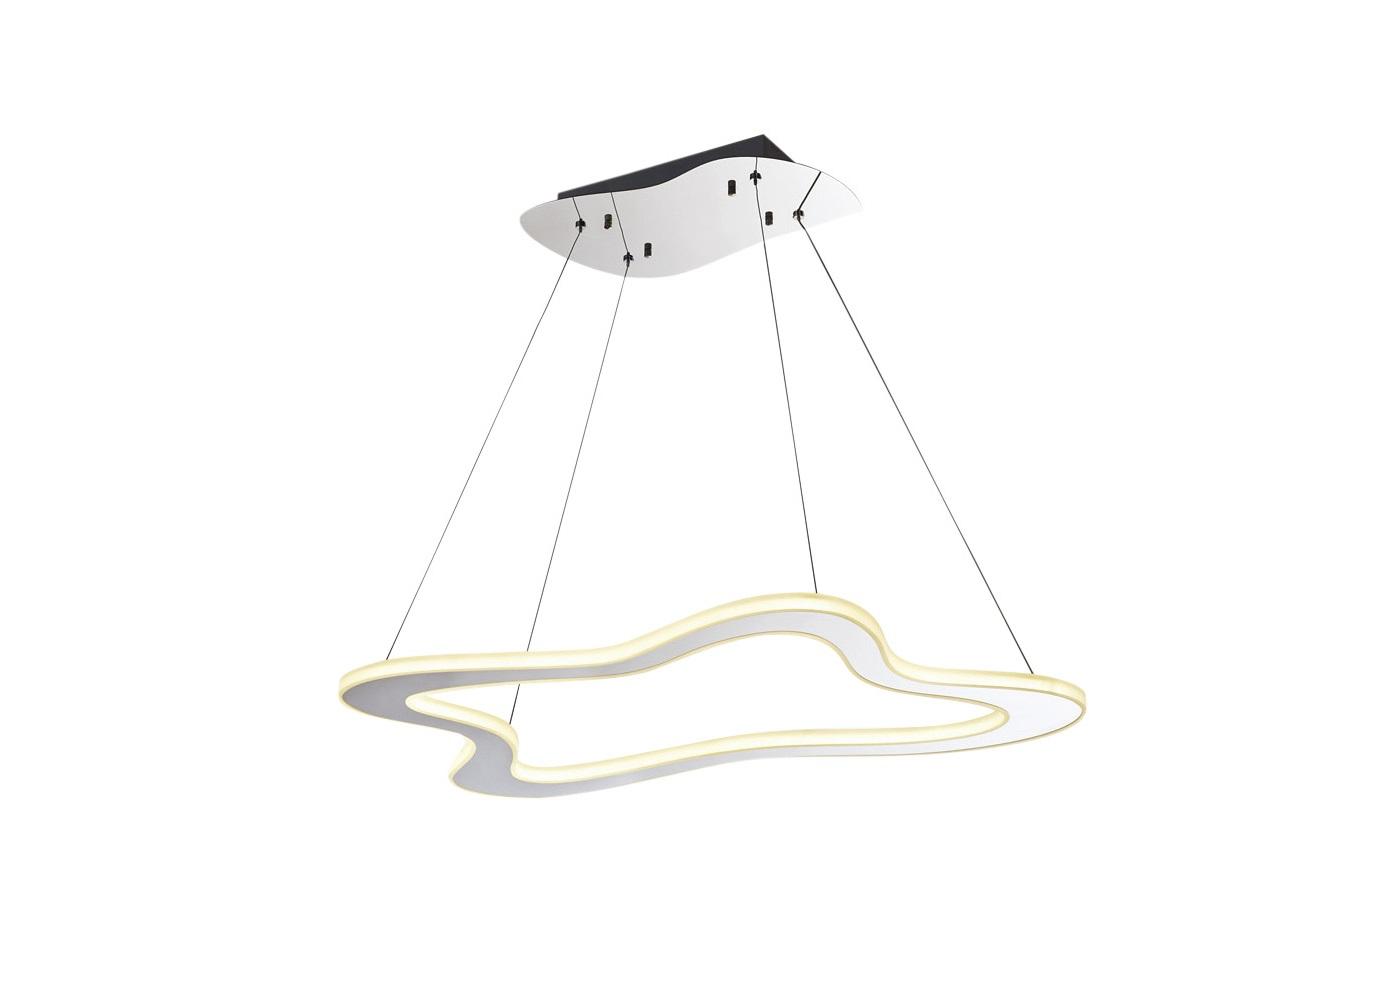 Подвесной светильникПодвесные светильники<br>Вид цоколя: LEDМощность: 28WКоличество ламп: 1Высота светильника регулируется.<br><br>kit: None<br>gender: None